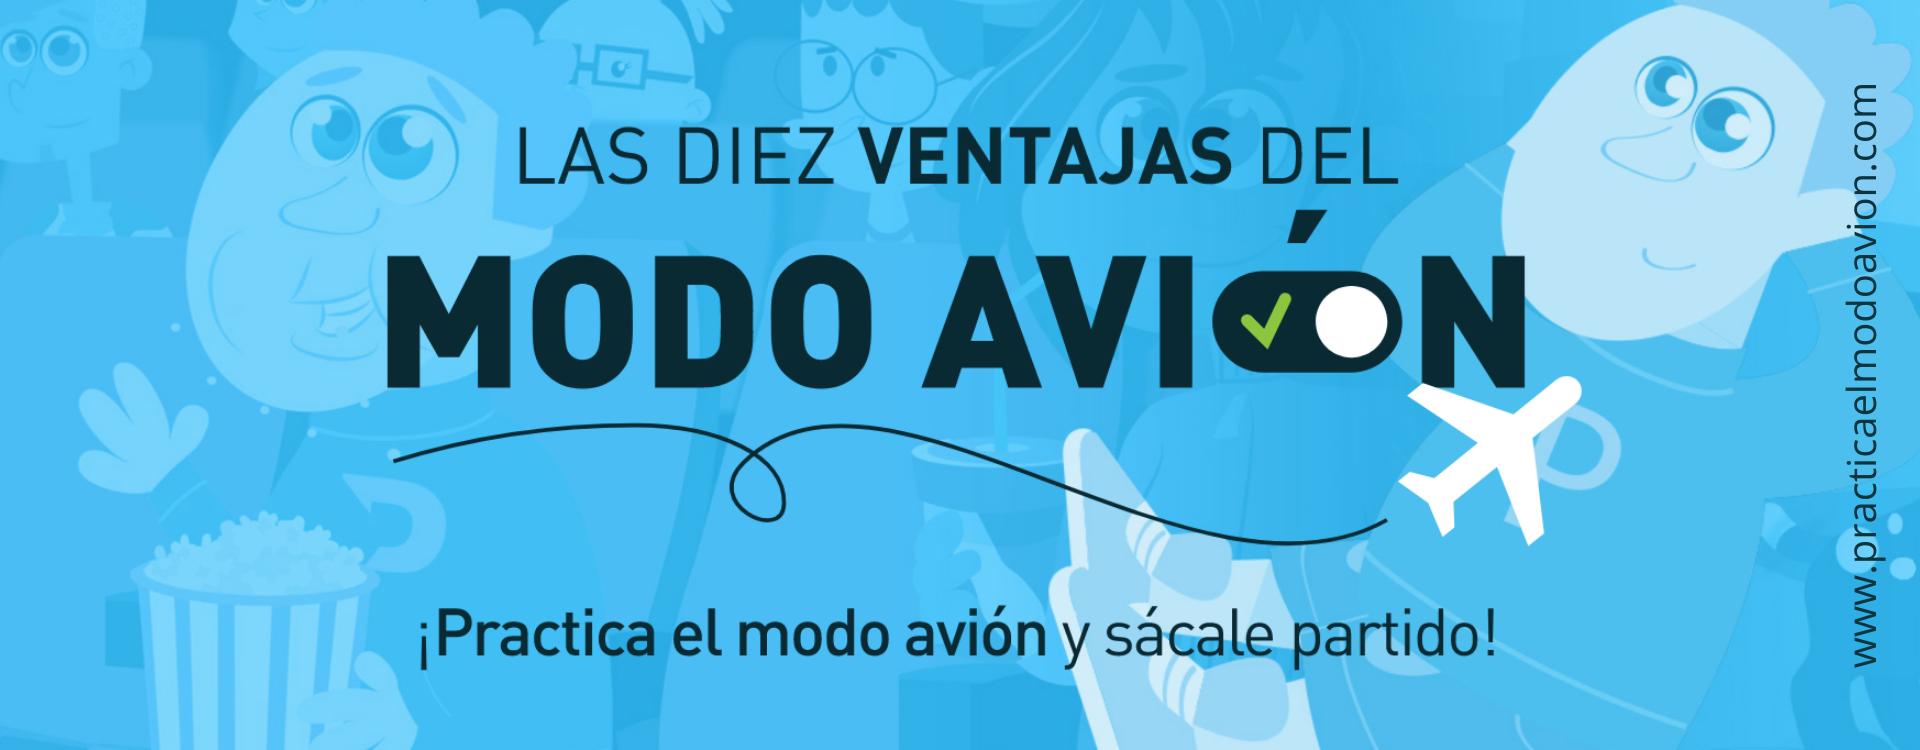 10-ventajas-modo-avion-desconexion-bienestar-digital-uso-abusivo-movil